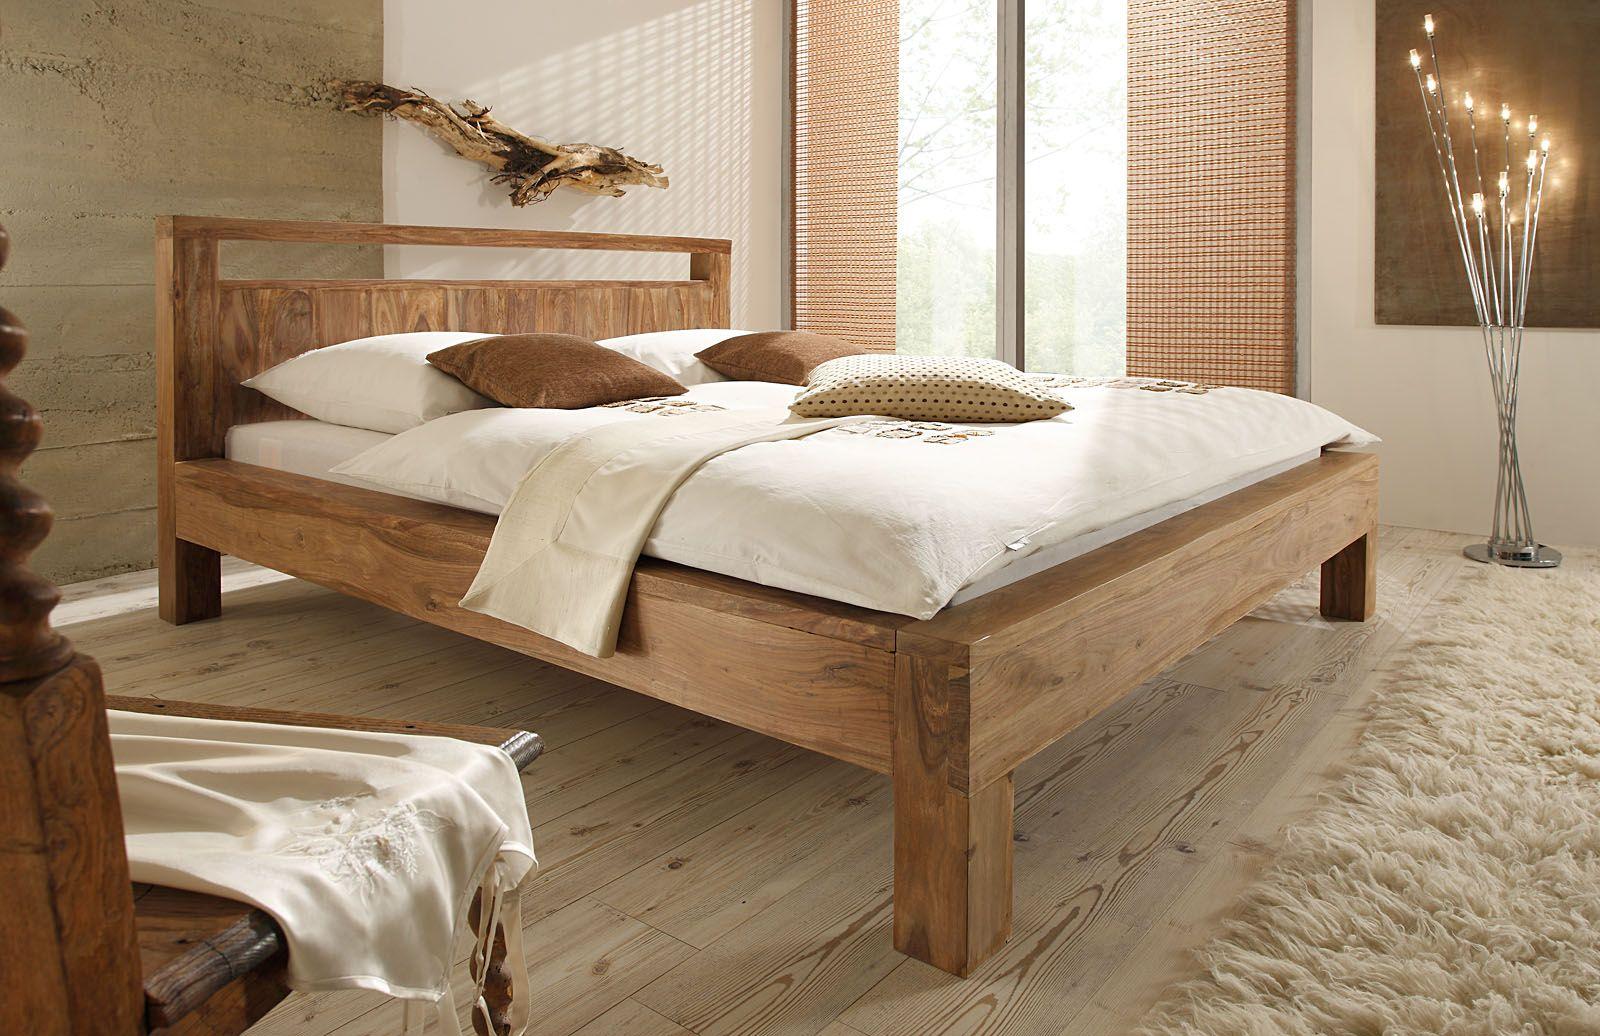 lit zen naturel une boutique de mtl tr s haut dessus de mes prix mais on peut toujours r ver. Black Bedroom Furniture Sets. Home Design Ideas